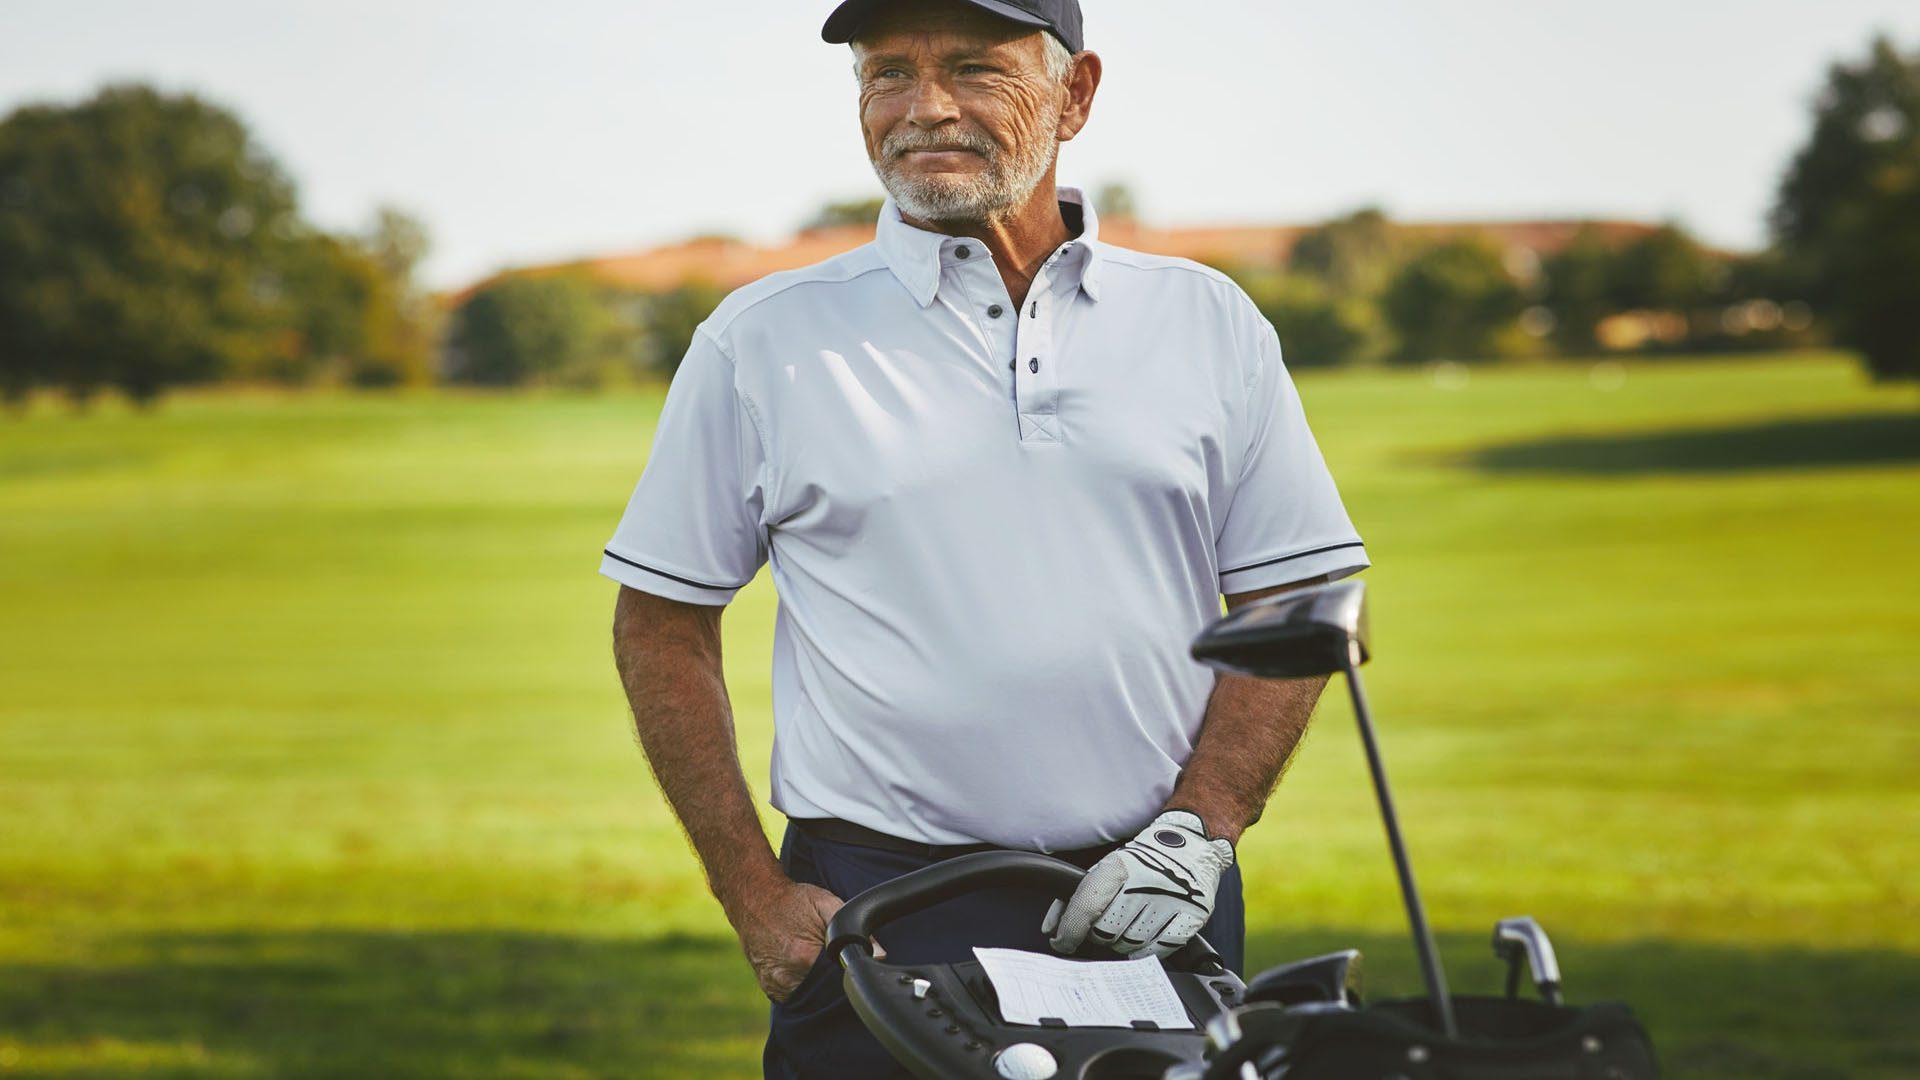 11860 Vista Del Sol, Ste. 128 How Chiropractic Helps Alleviate Golfer's Elbow El Paso, TX.